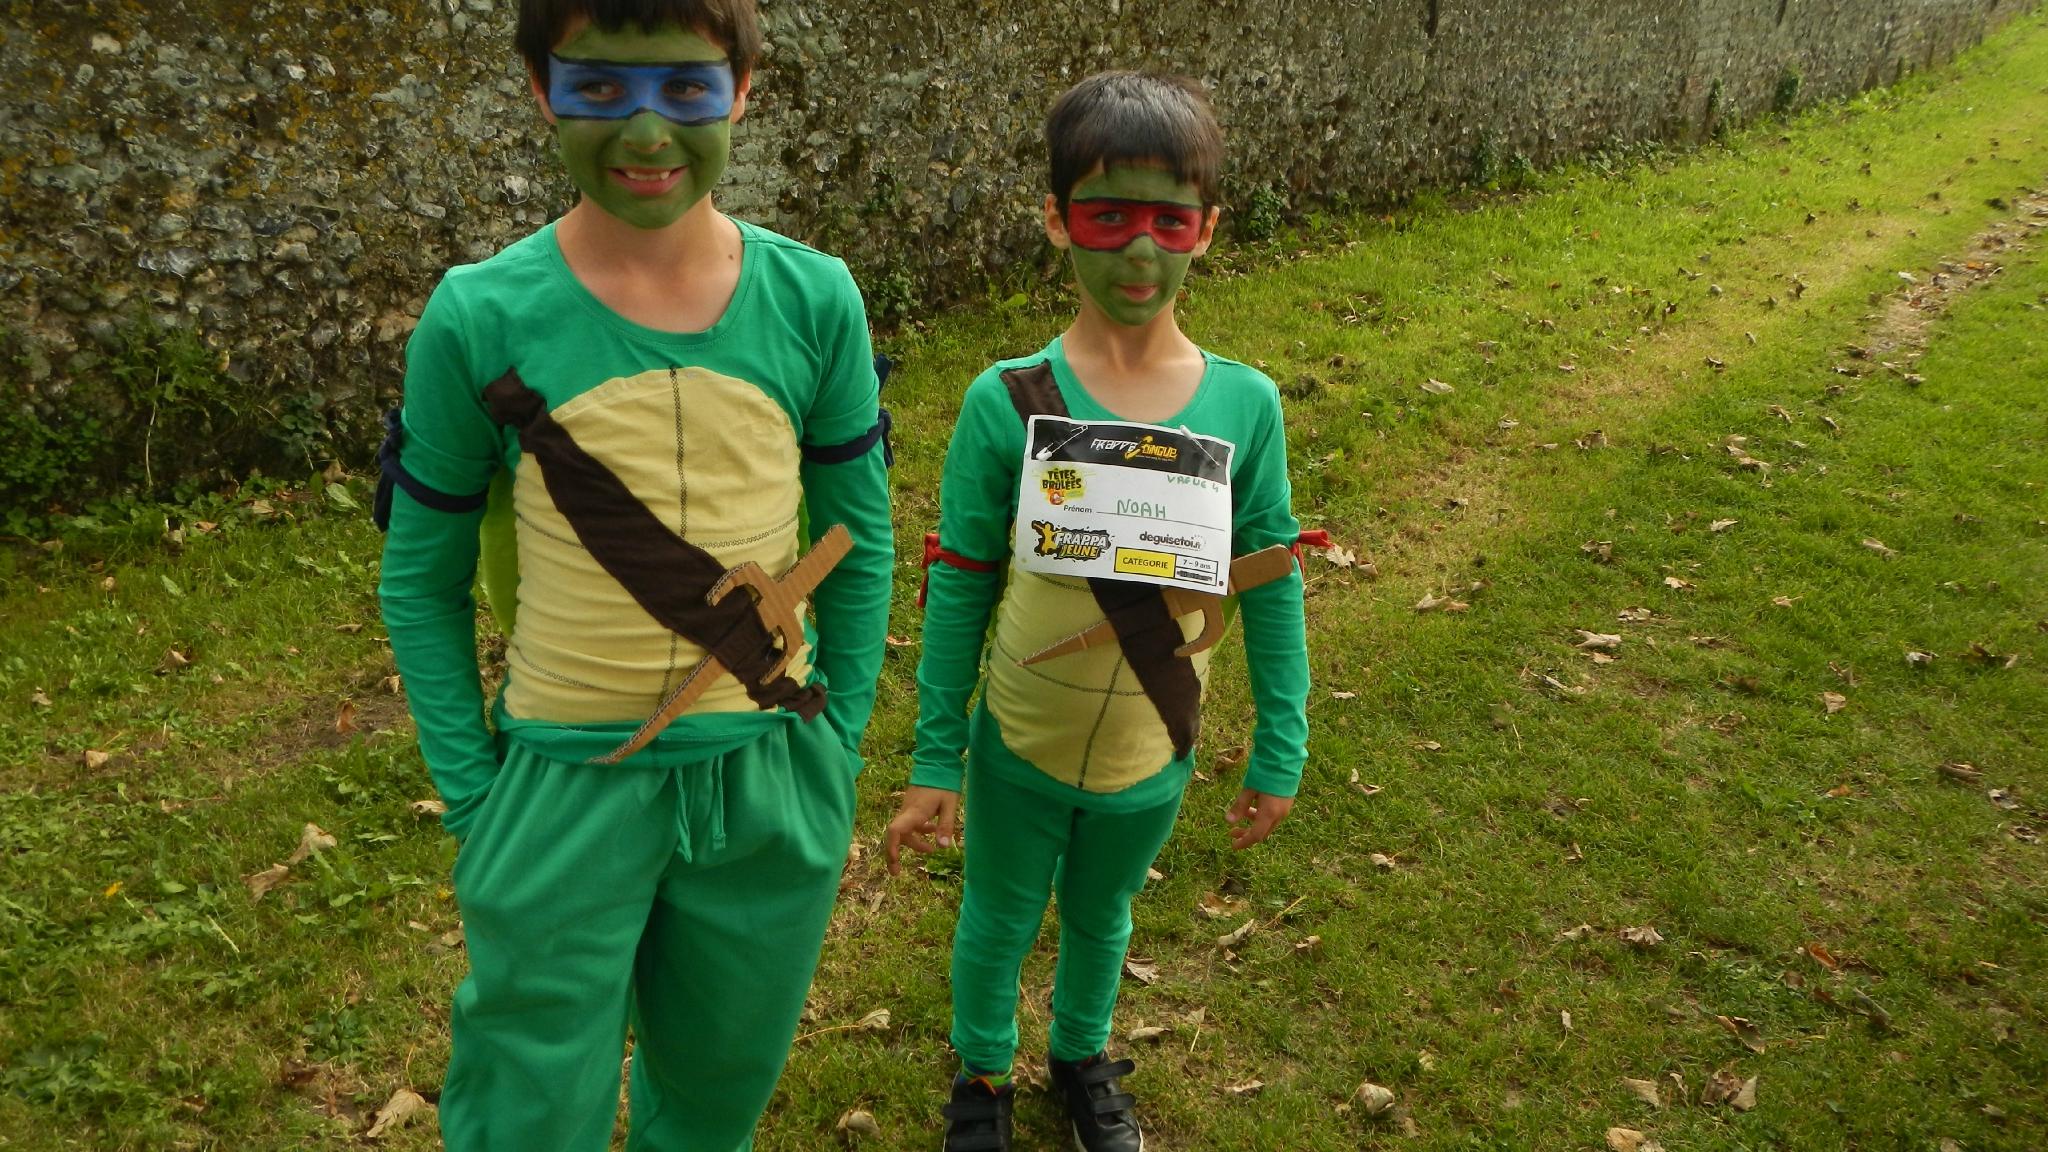 déguisement tortue ninja fait maison